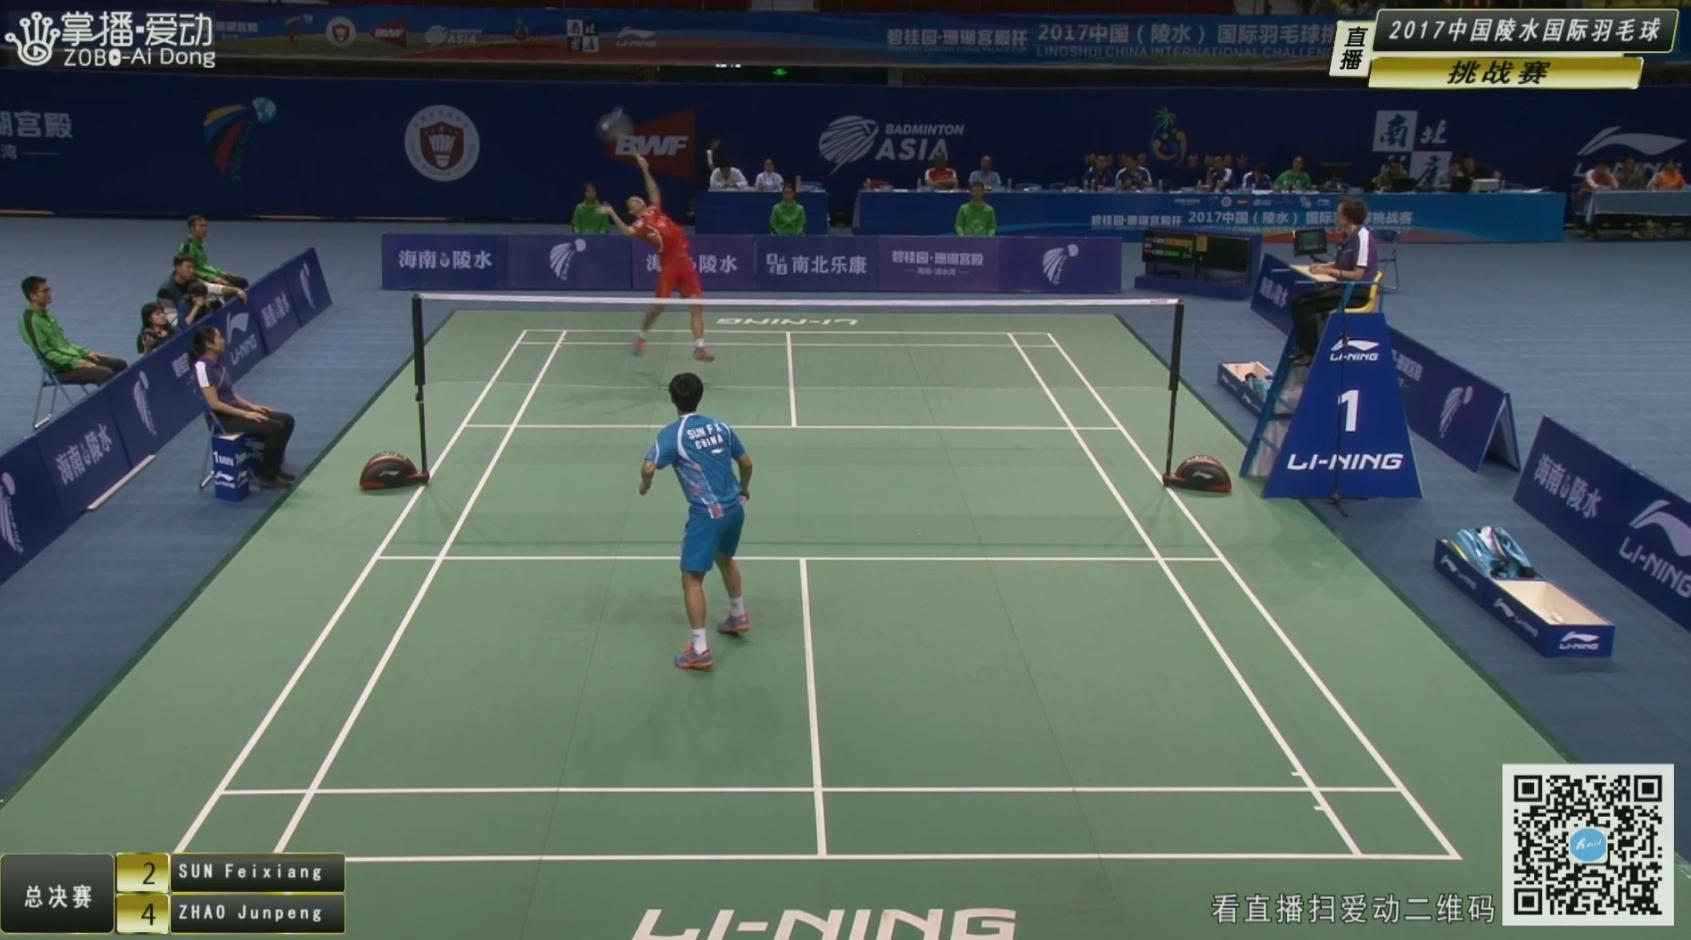 【录像】2017中国·陵水国际羽毛球挑战赛男单决赛